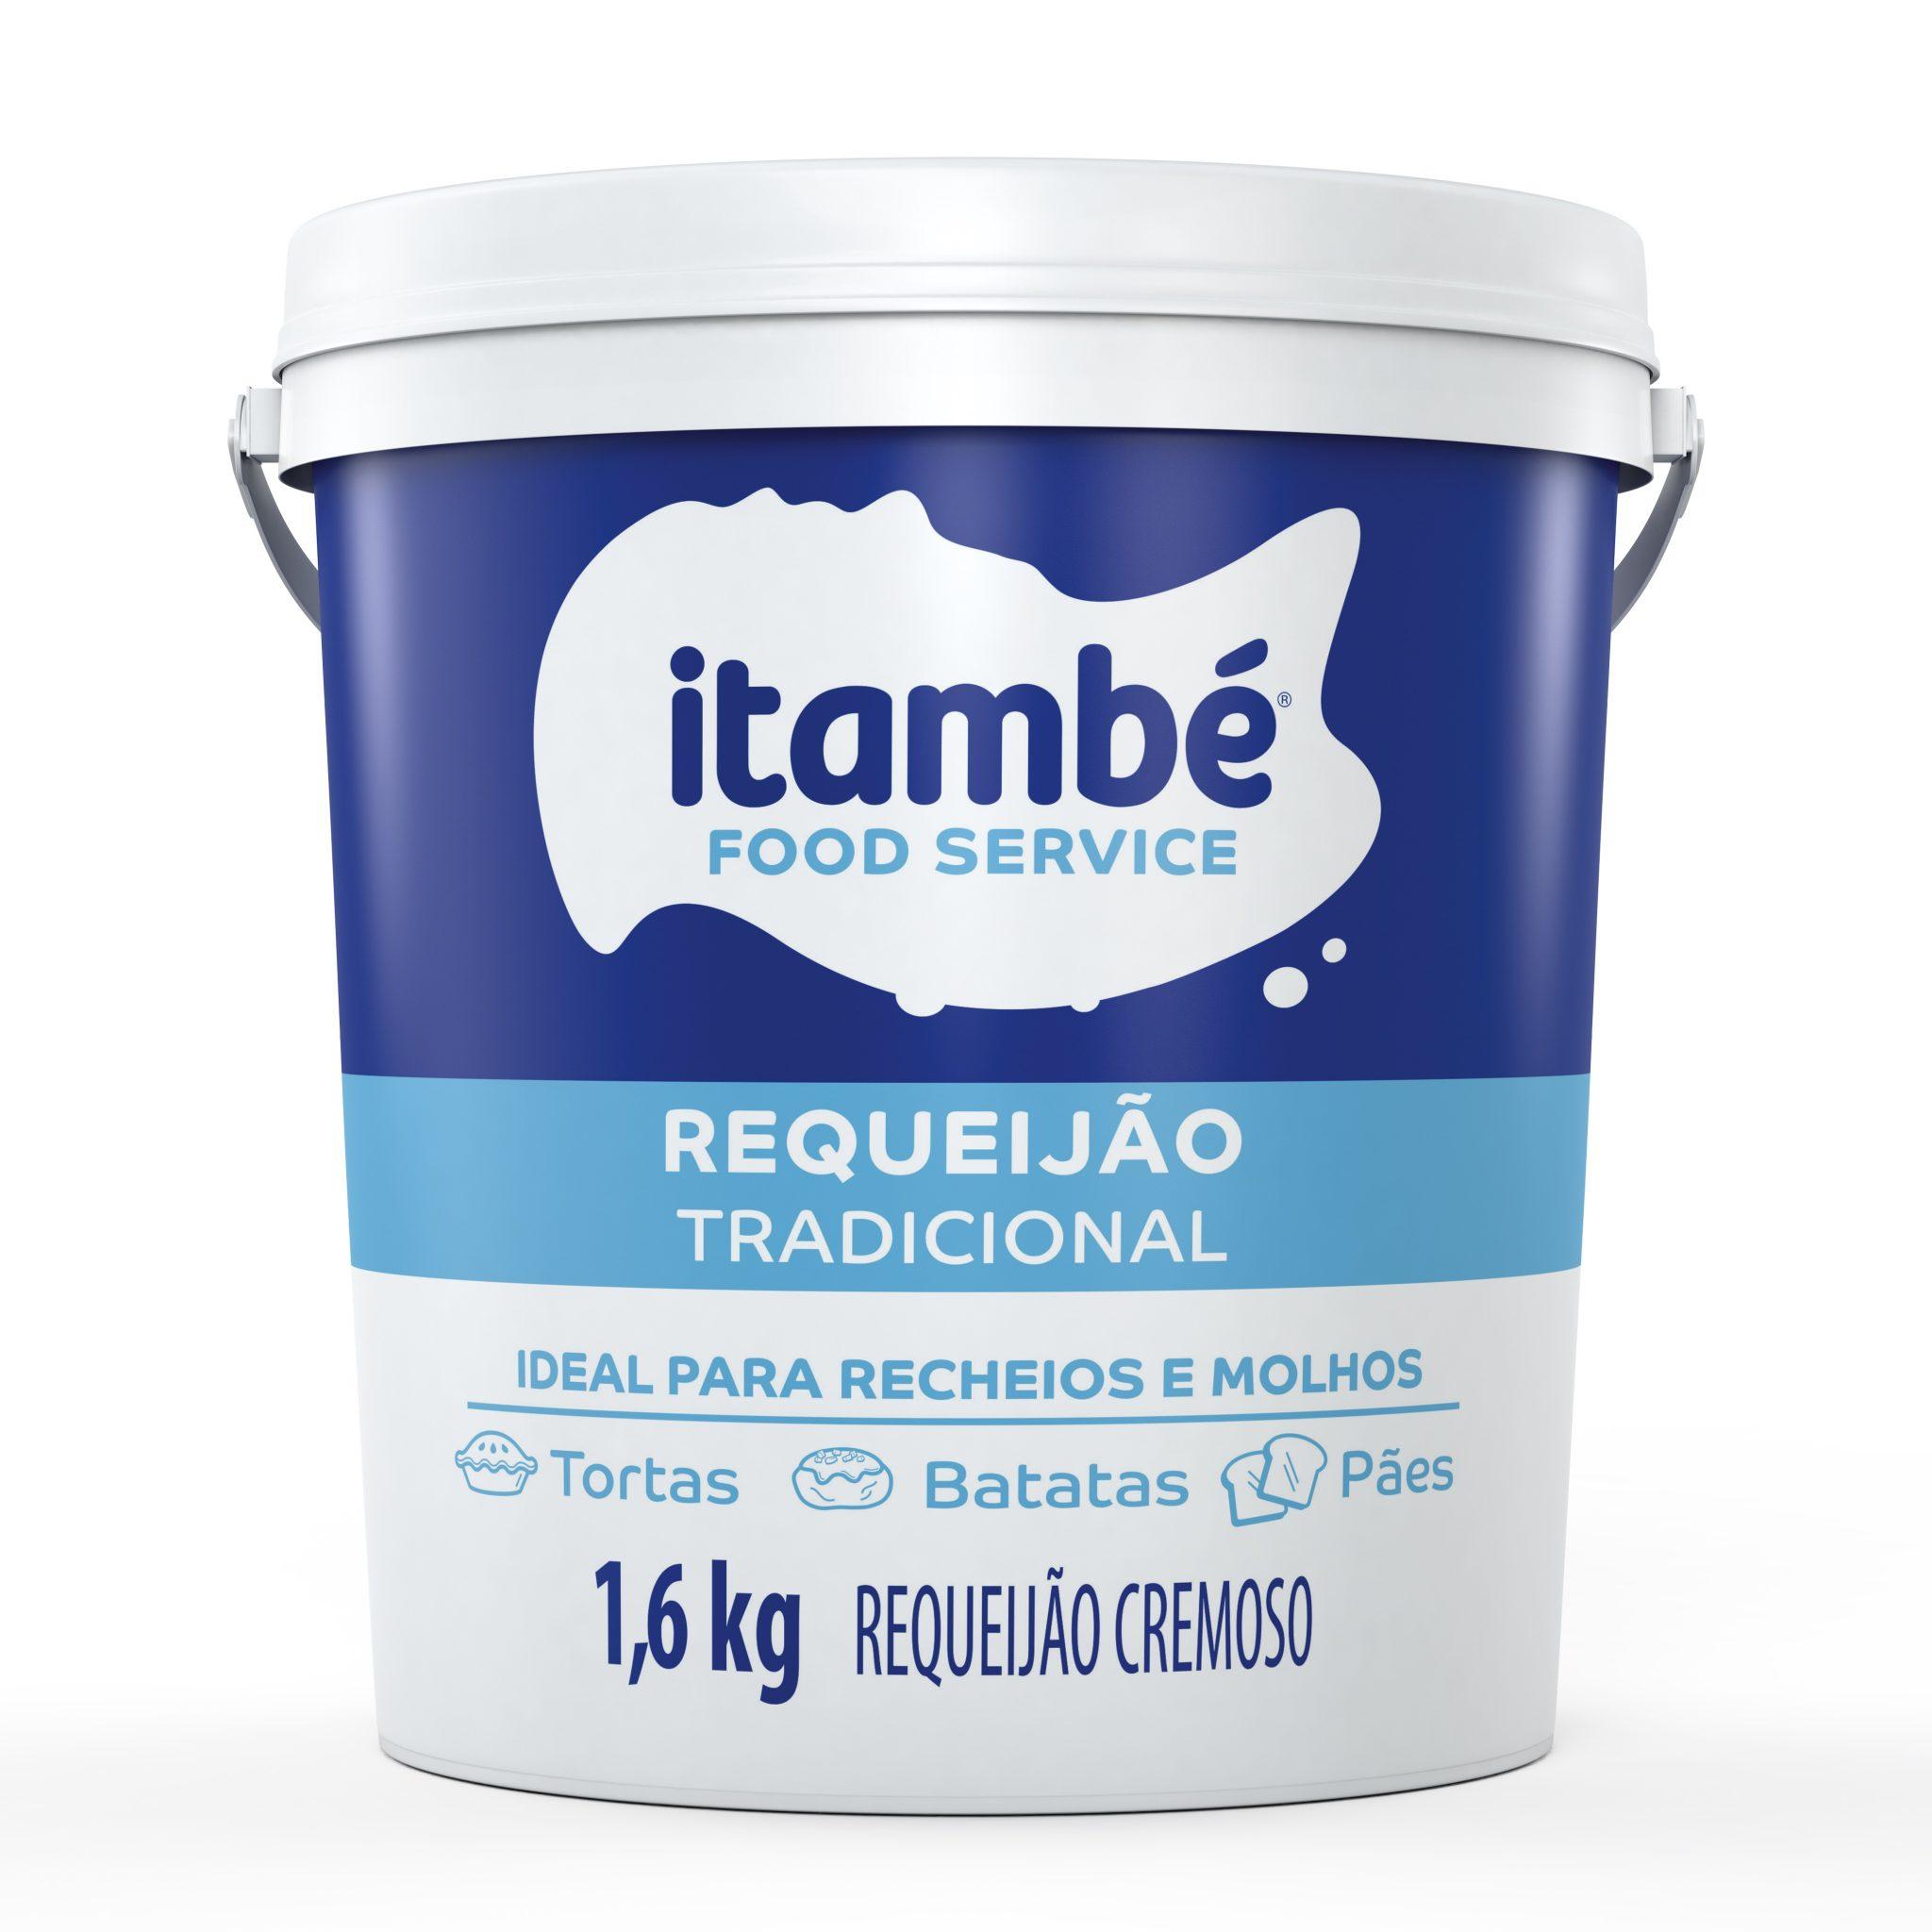 Requeijão Itambé ganha embalagem para food service